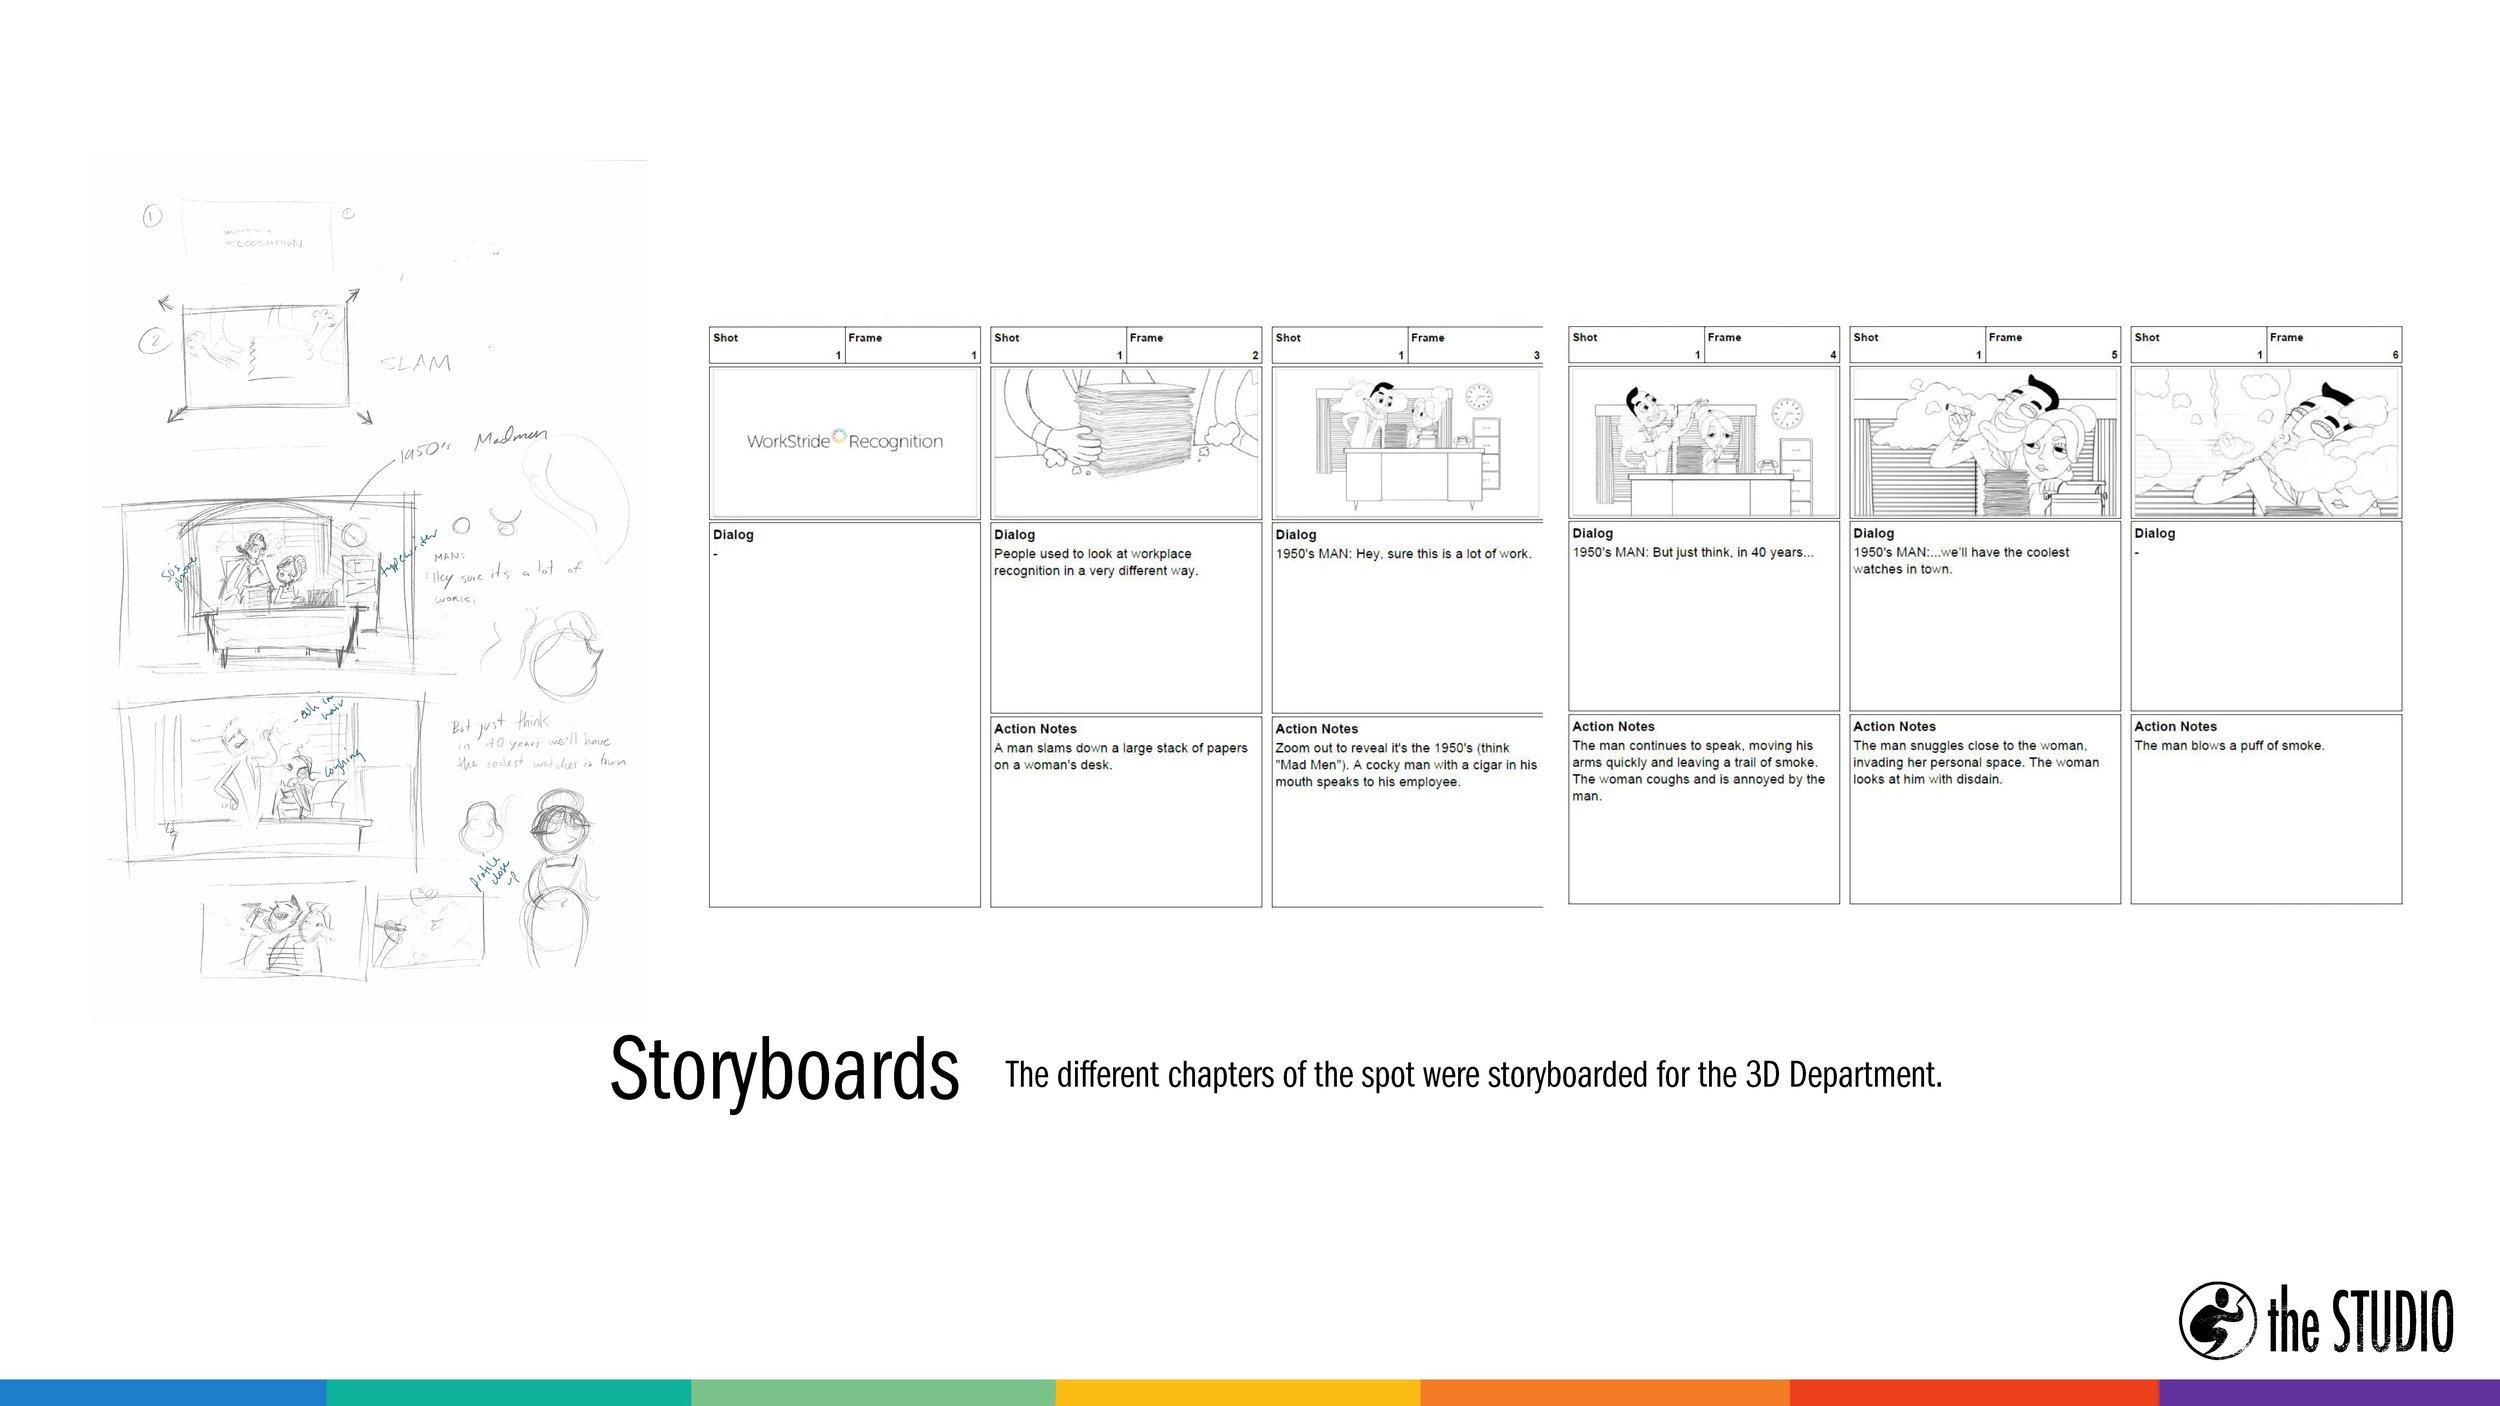 Corporate_Rewards_Case_Study_v05_Page_07.jpg